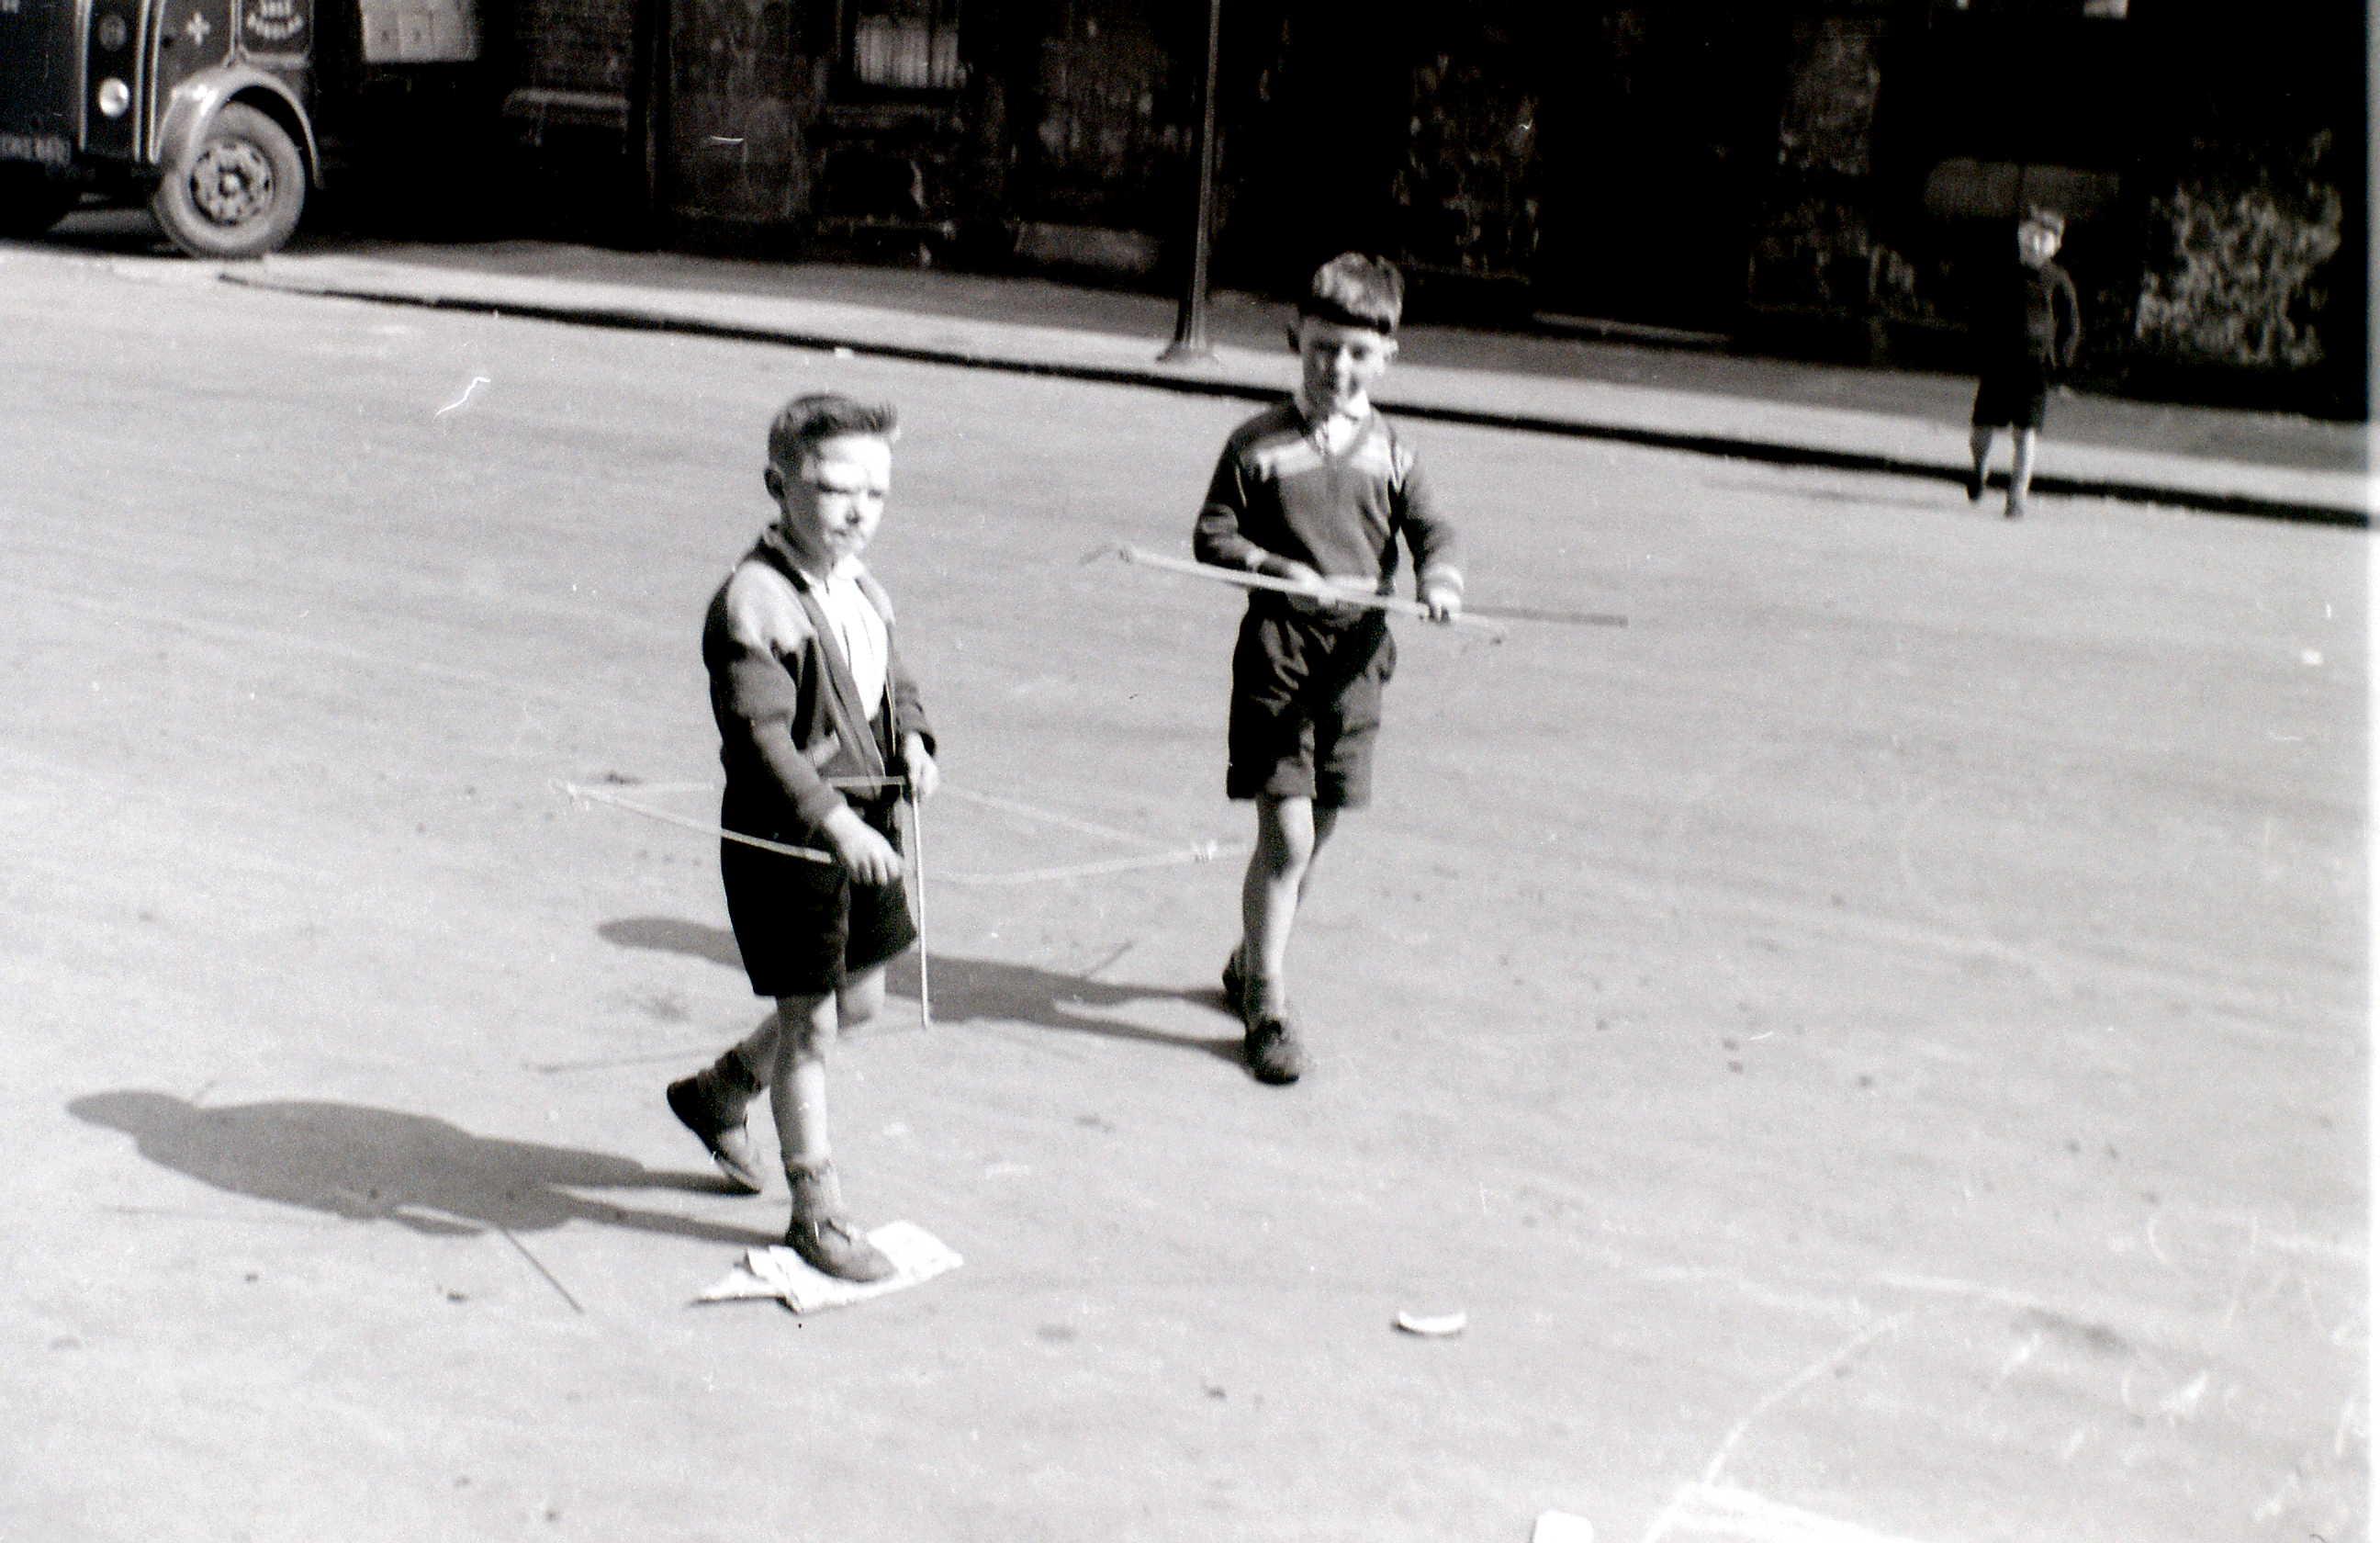 Горбалс, Глазго, 19 апреля 1960 1.jpg